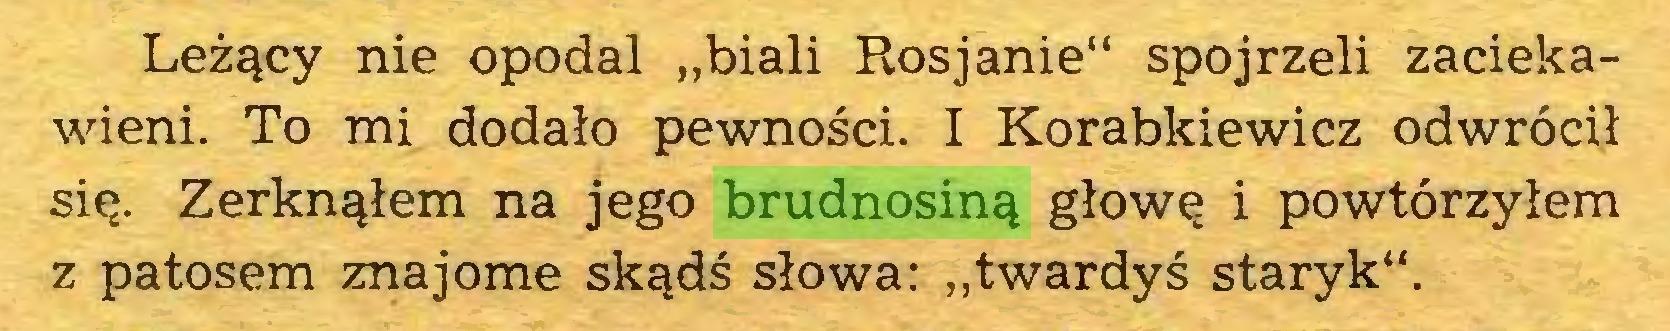 """(...) Leżący nie opodal """"biali Rosjanie"""" spojrzeli zaciekawieni. To mi dodało pewności. I Korabkiewicz odwrócił się. Zerknąłem na jego brudnosiną głowę i powtórzyłem z patosem znajome skądś słowa: """"twardyś staryk""""..."""